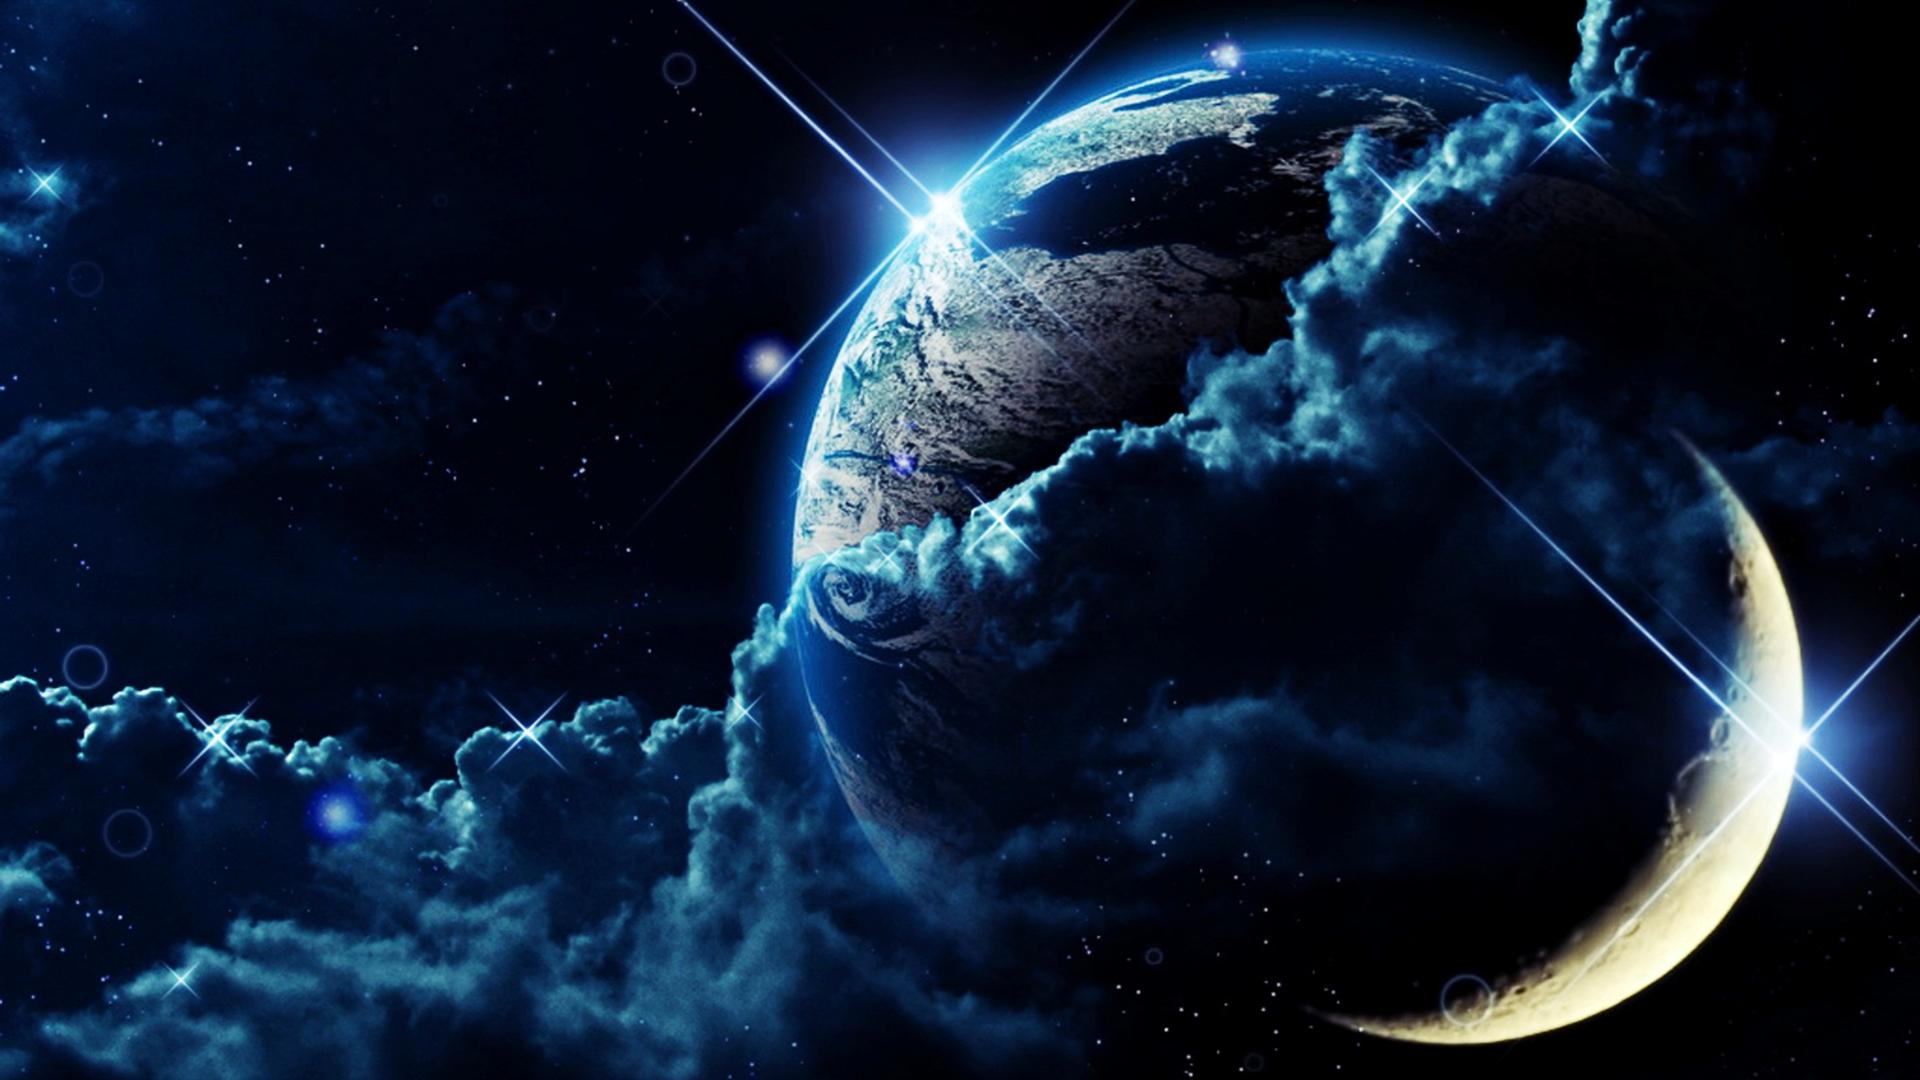 Wallpaper gratis de planeta y nubes, en HD.